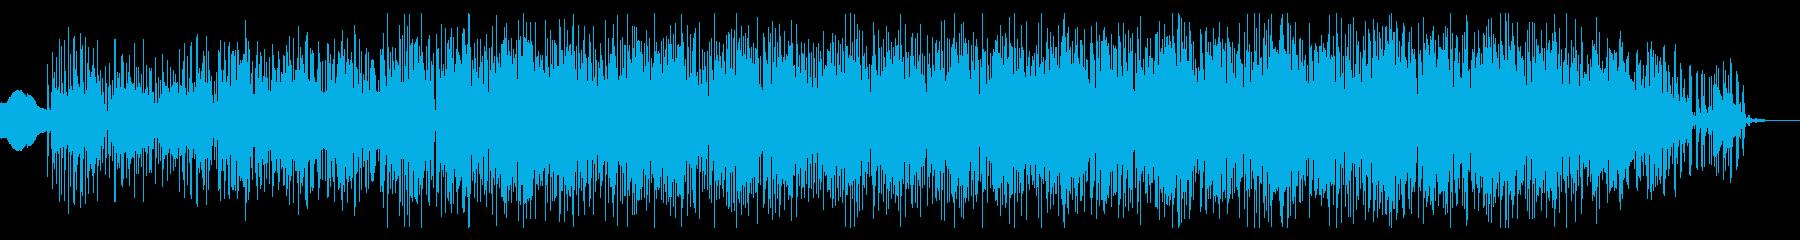 アメリカ南部風のスワンプロックジャムの再生済みの波形